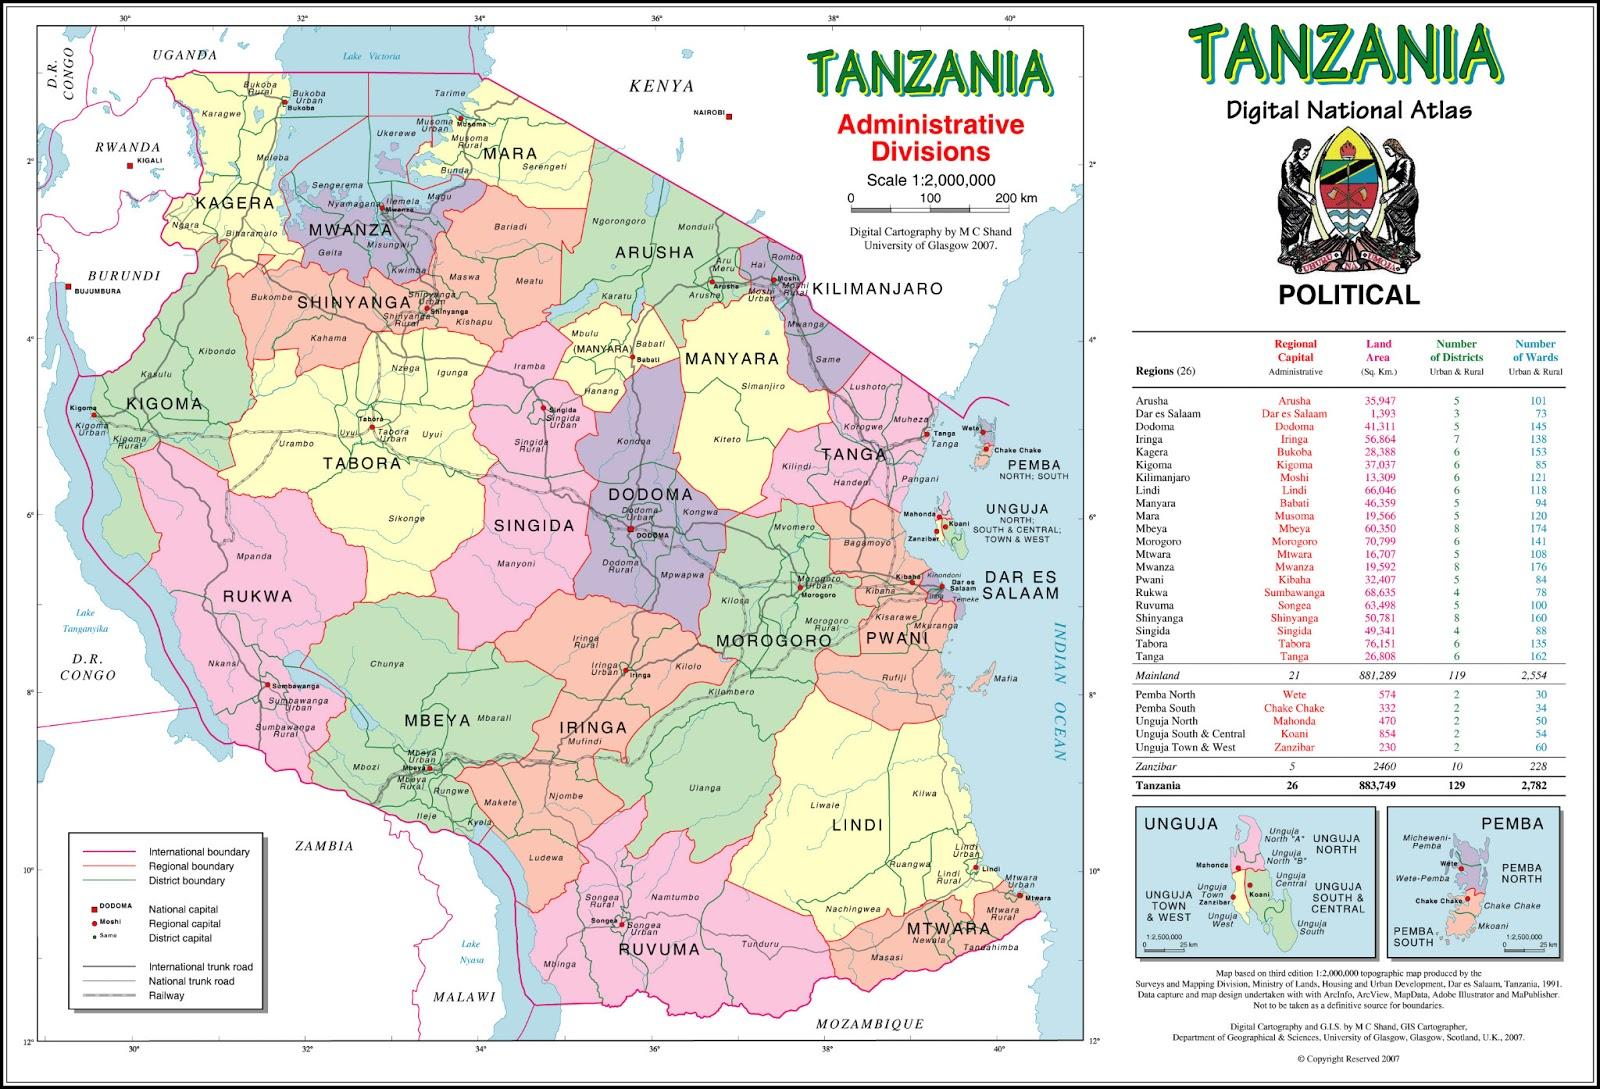 kort over tanzania